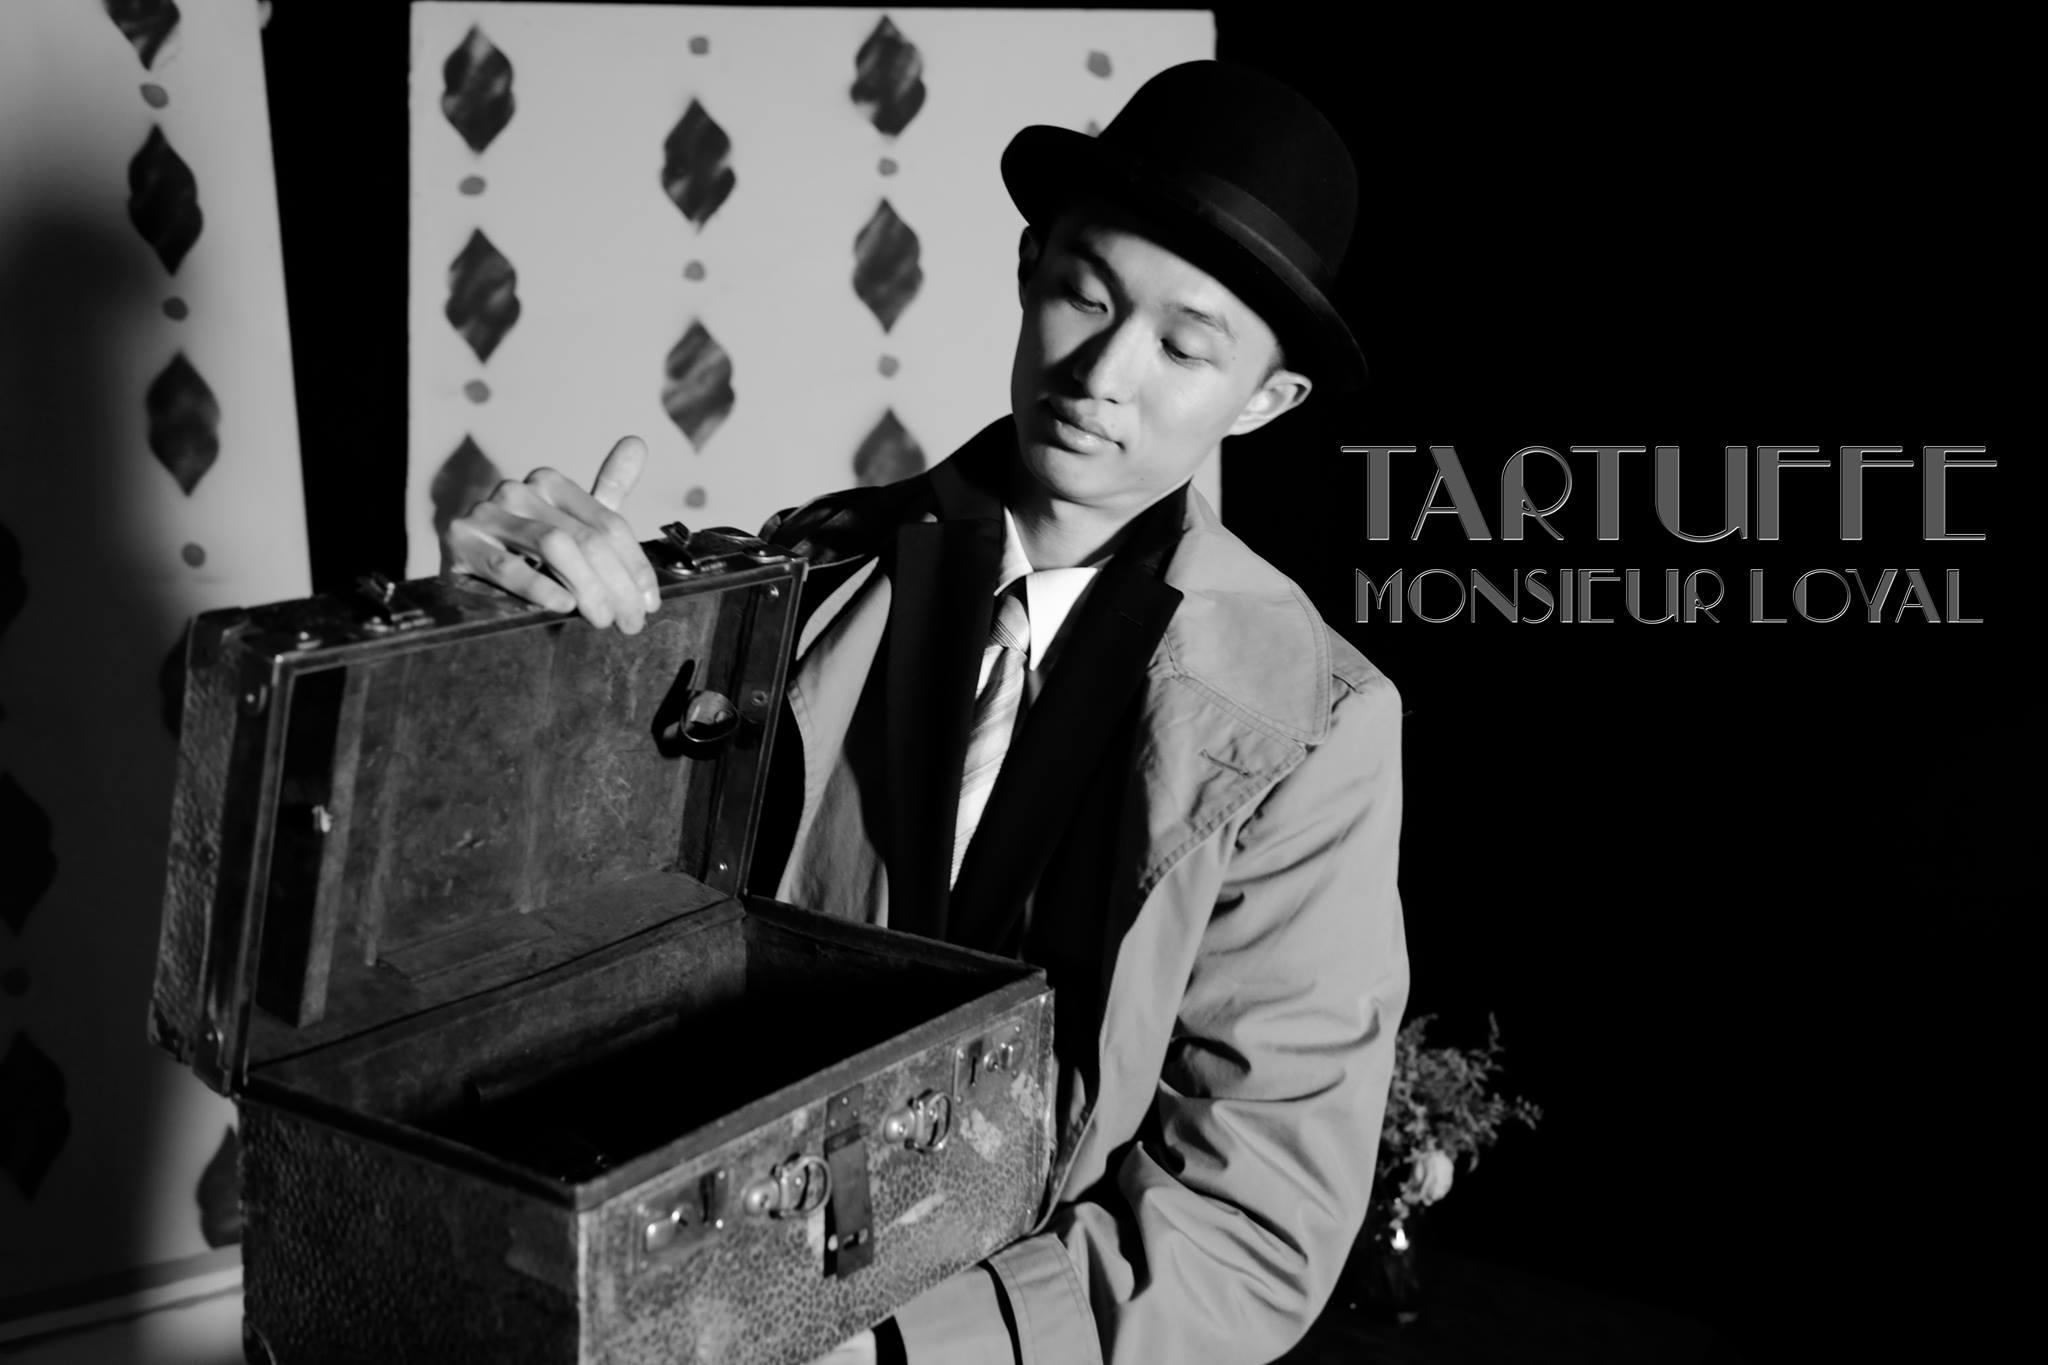 David Huang as Monsieur Loyal